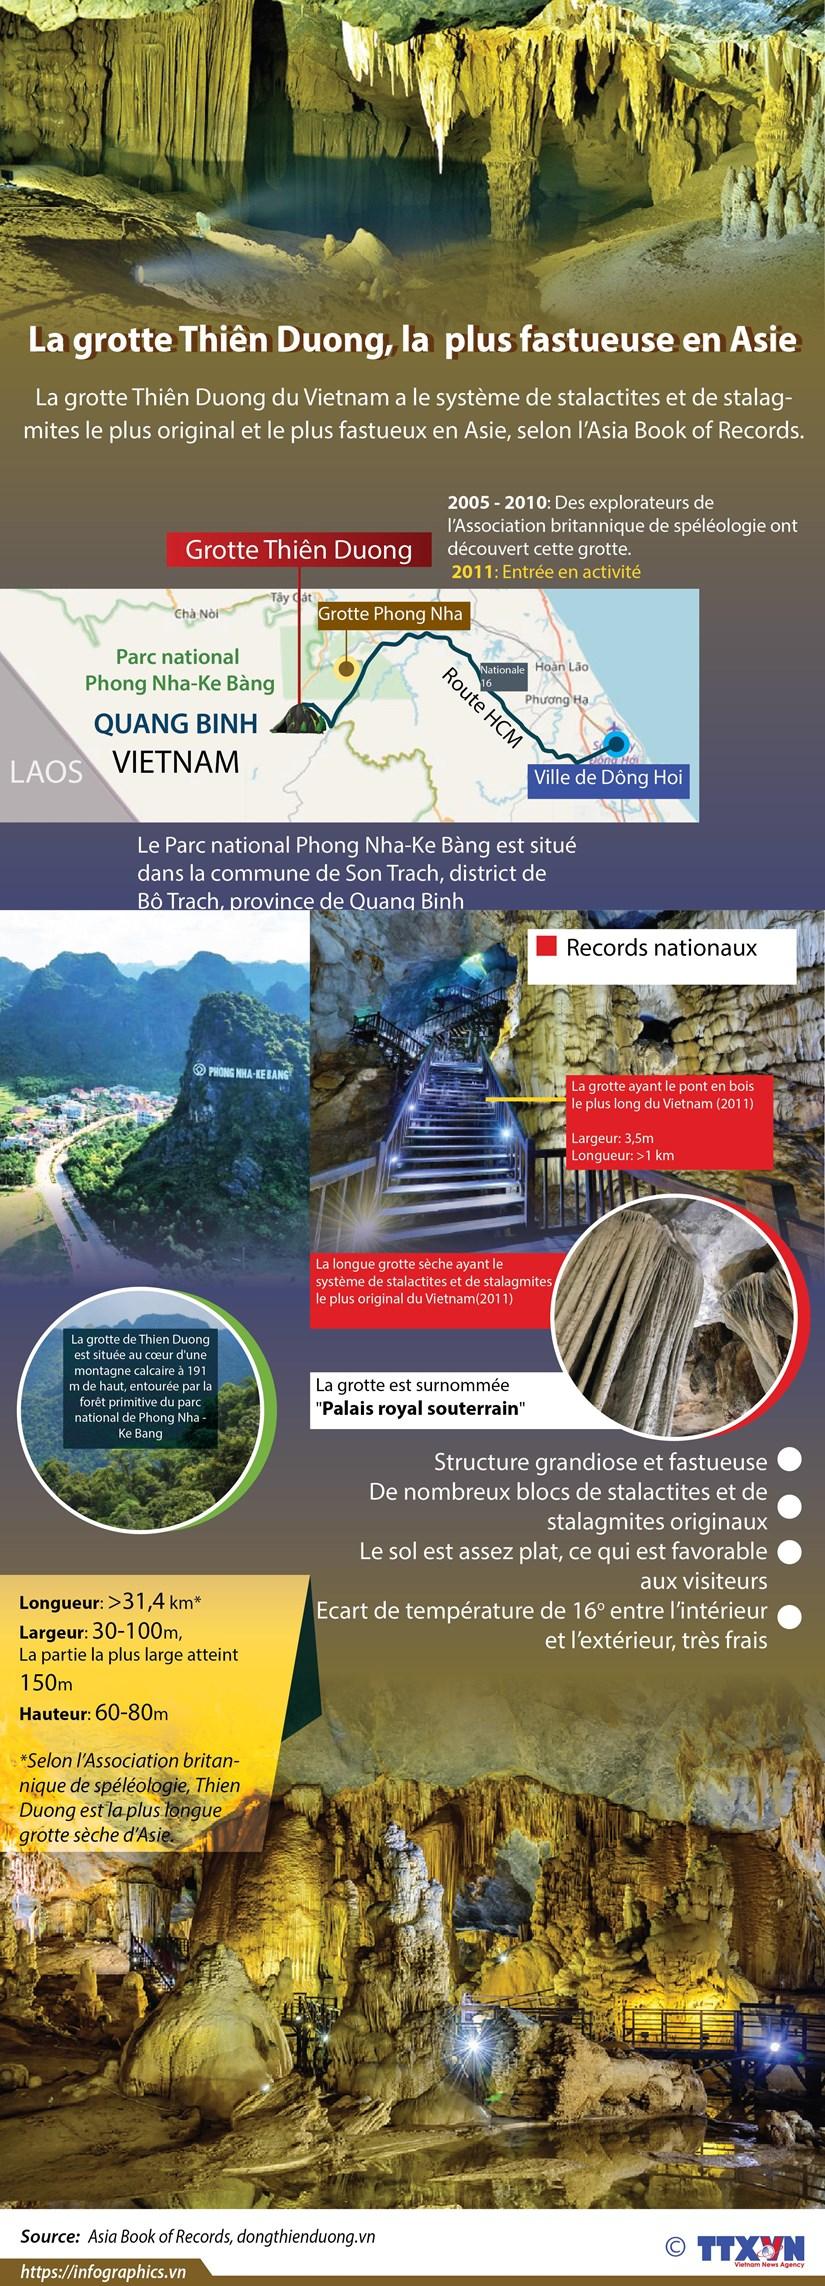 La grotte Thien Duong, la plus fastueuse en Asie hinh anh 1